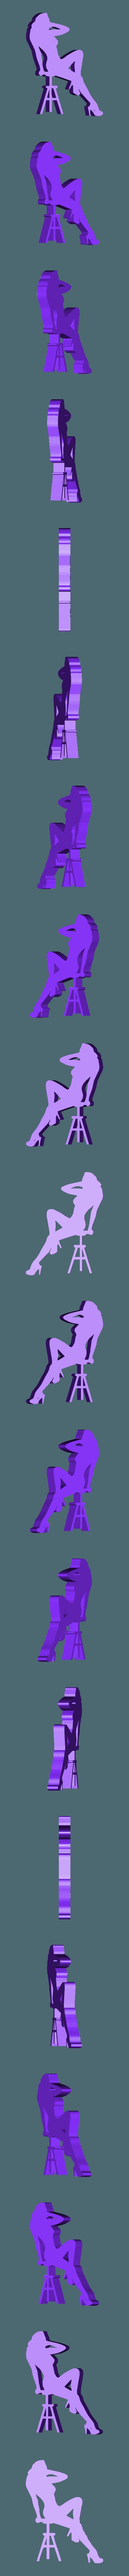 27.stl Télécharger fichier STL Pack Silhouette Sexy • Objet imprimable en 3D, CarlCreates